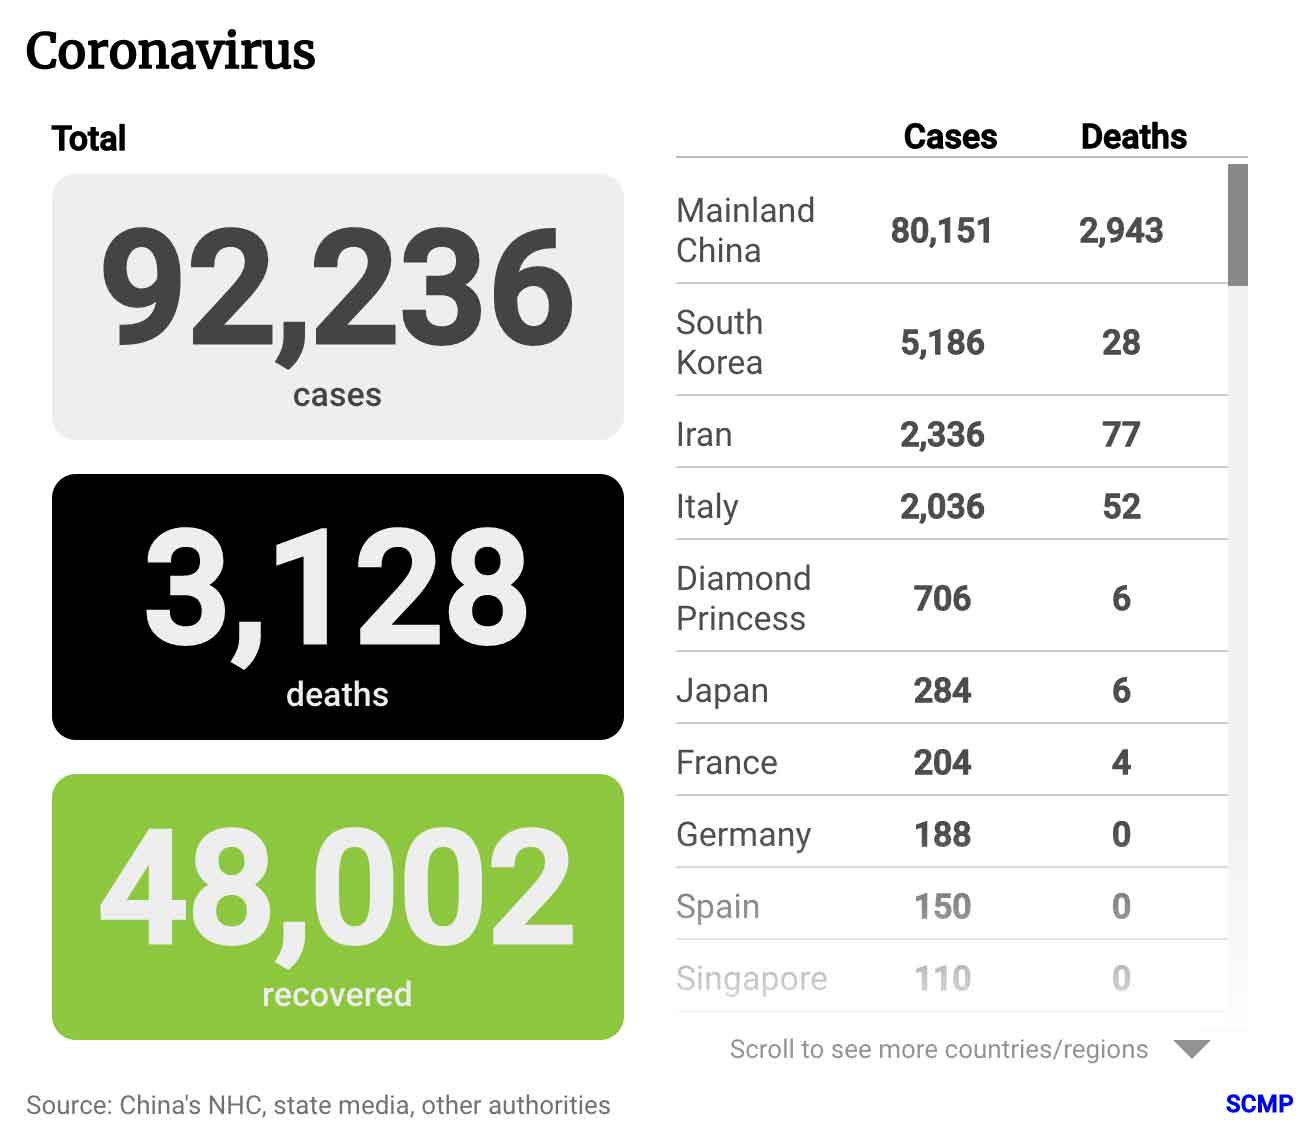 Coronavirus Total